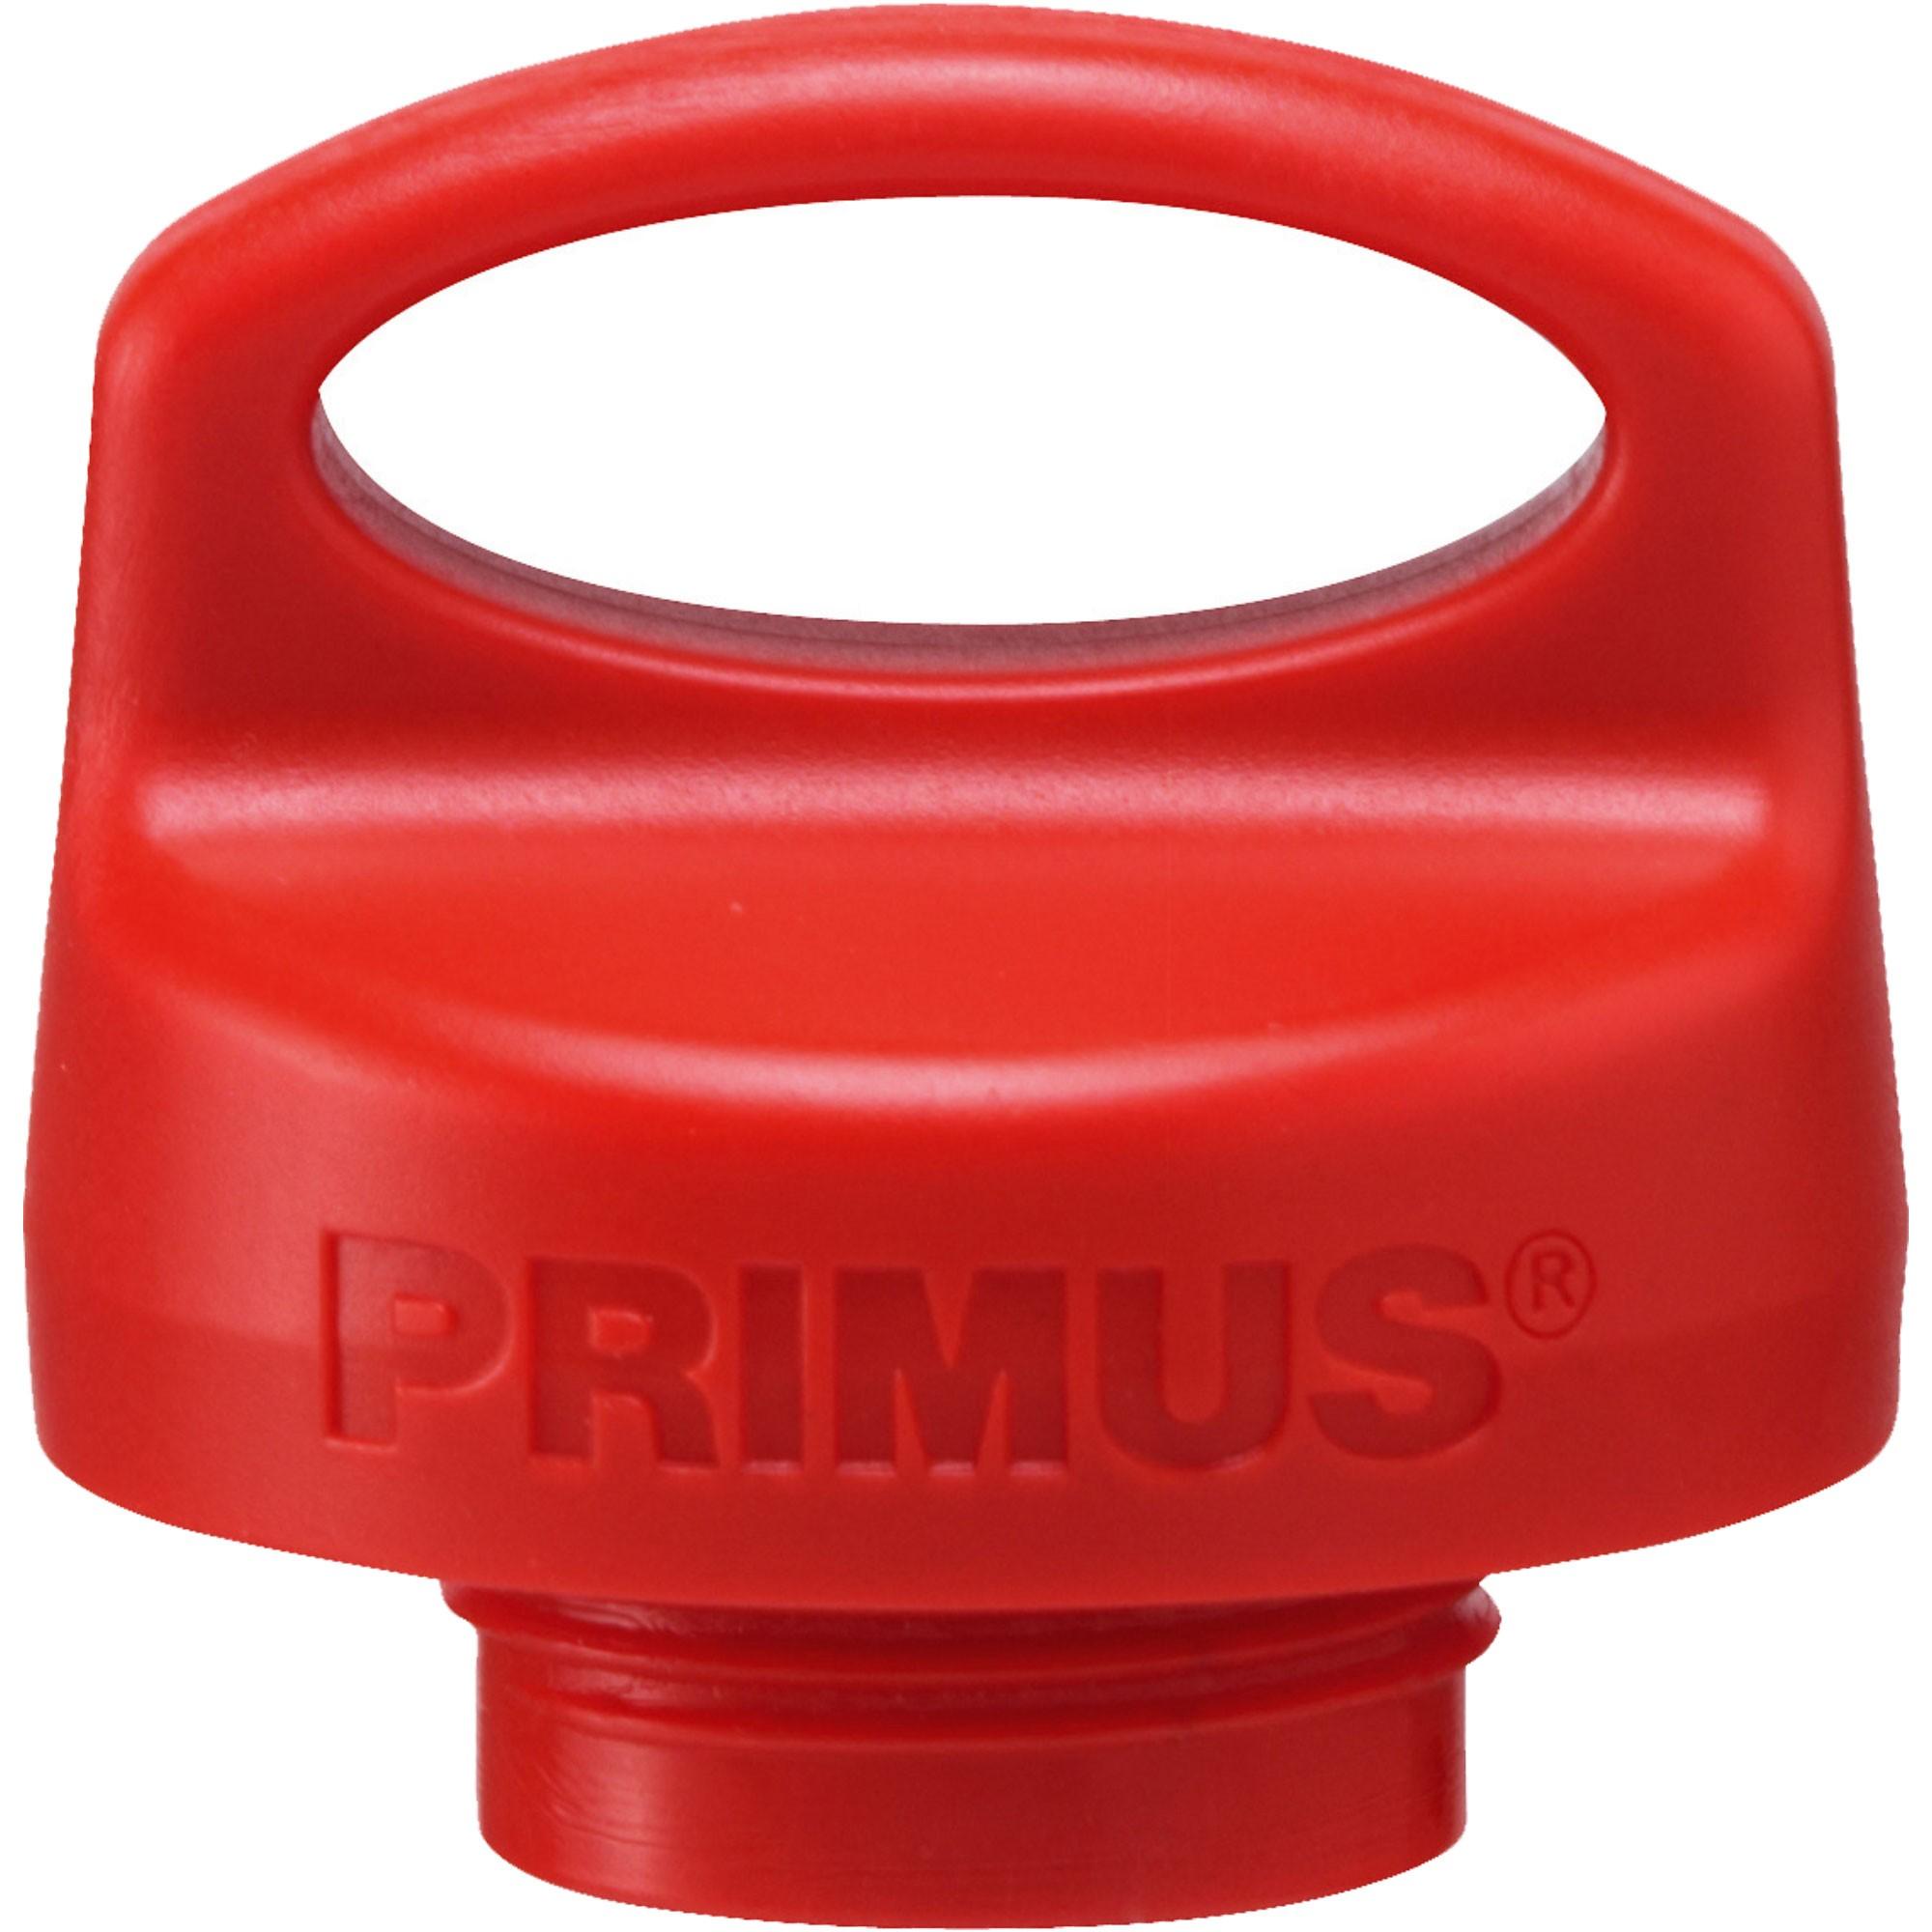 Primus Child Safe Fuel Bottle Cap - Red